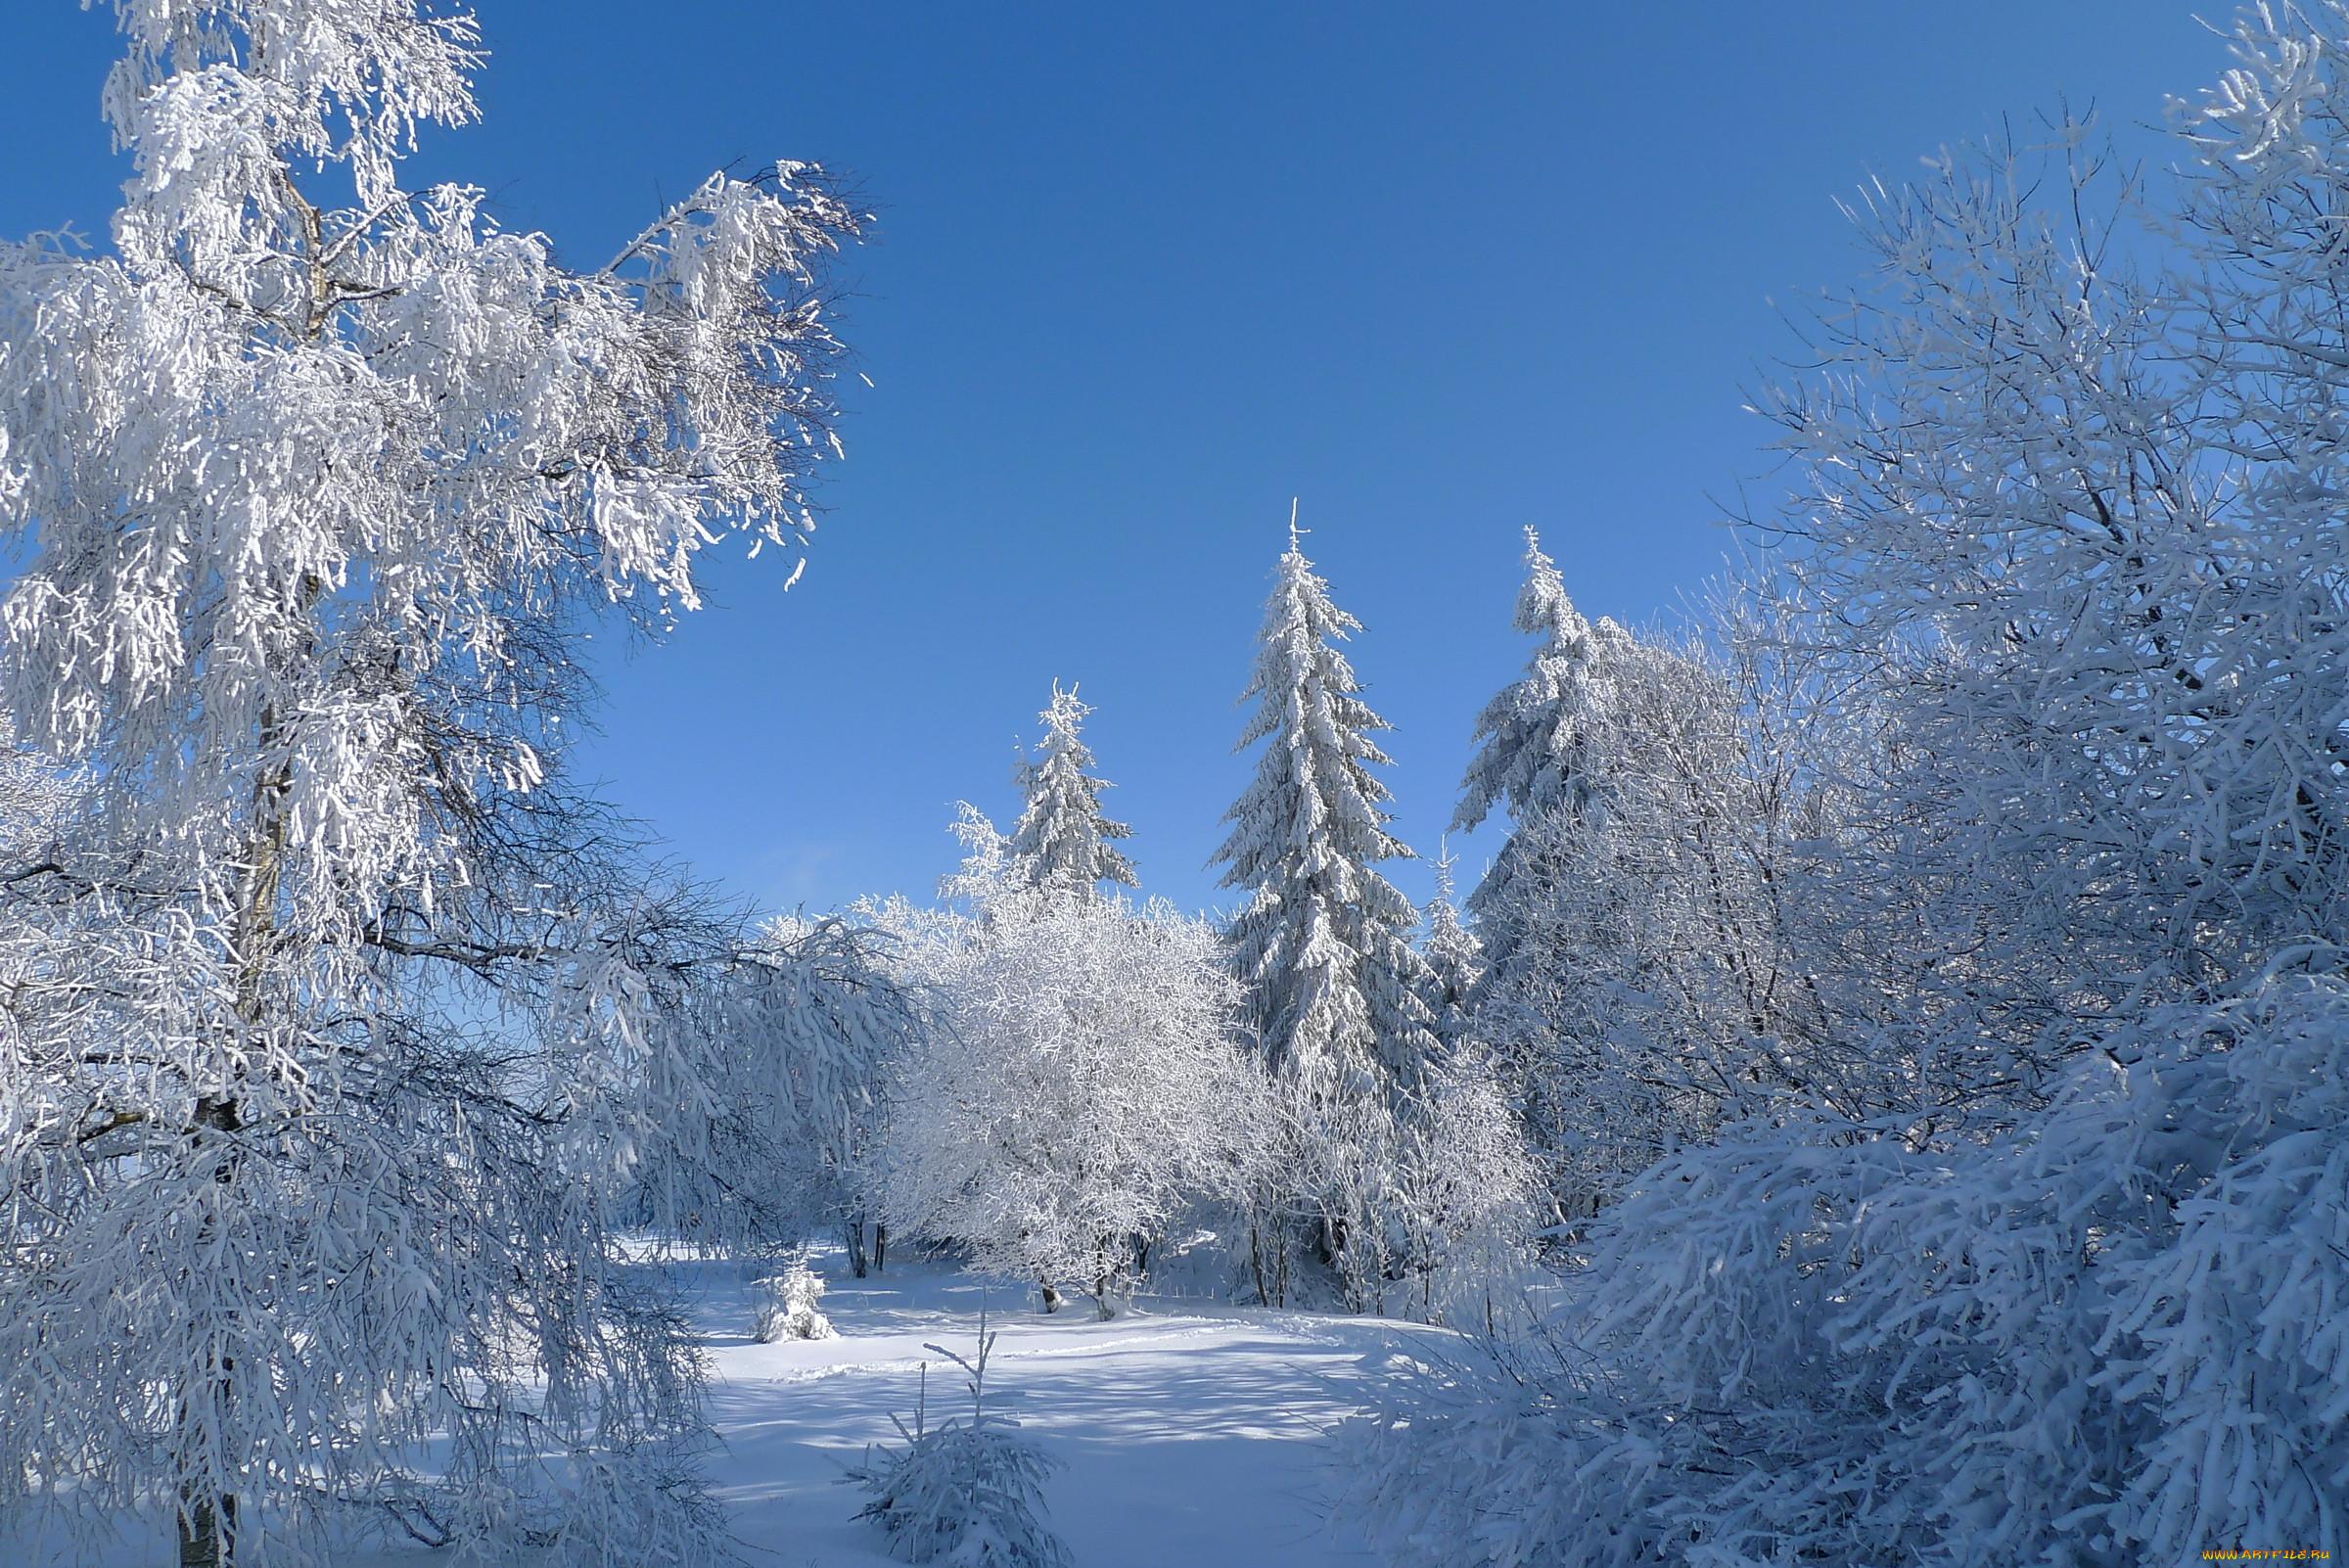 фотографии с зимними пейзажами откуда открывается самый